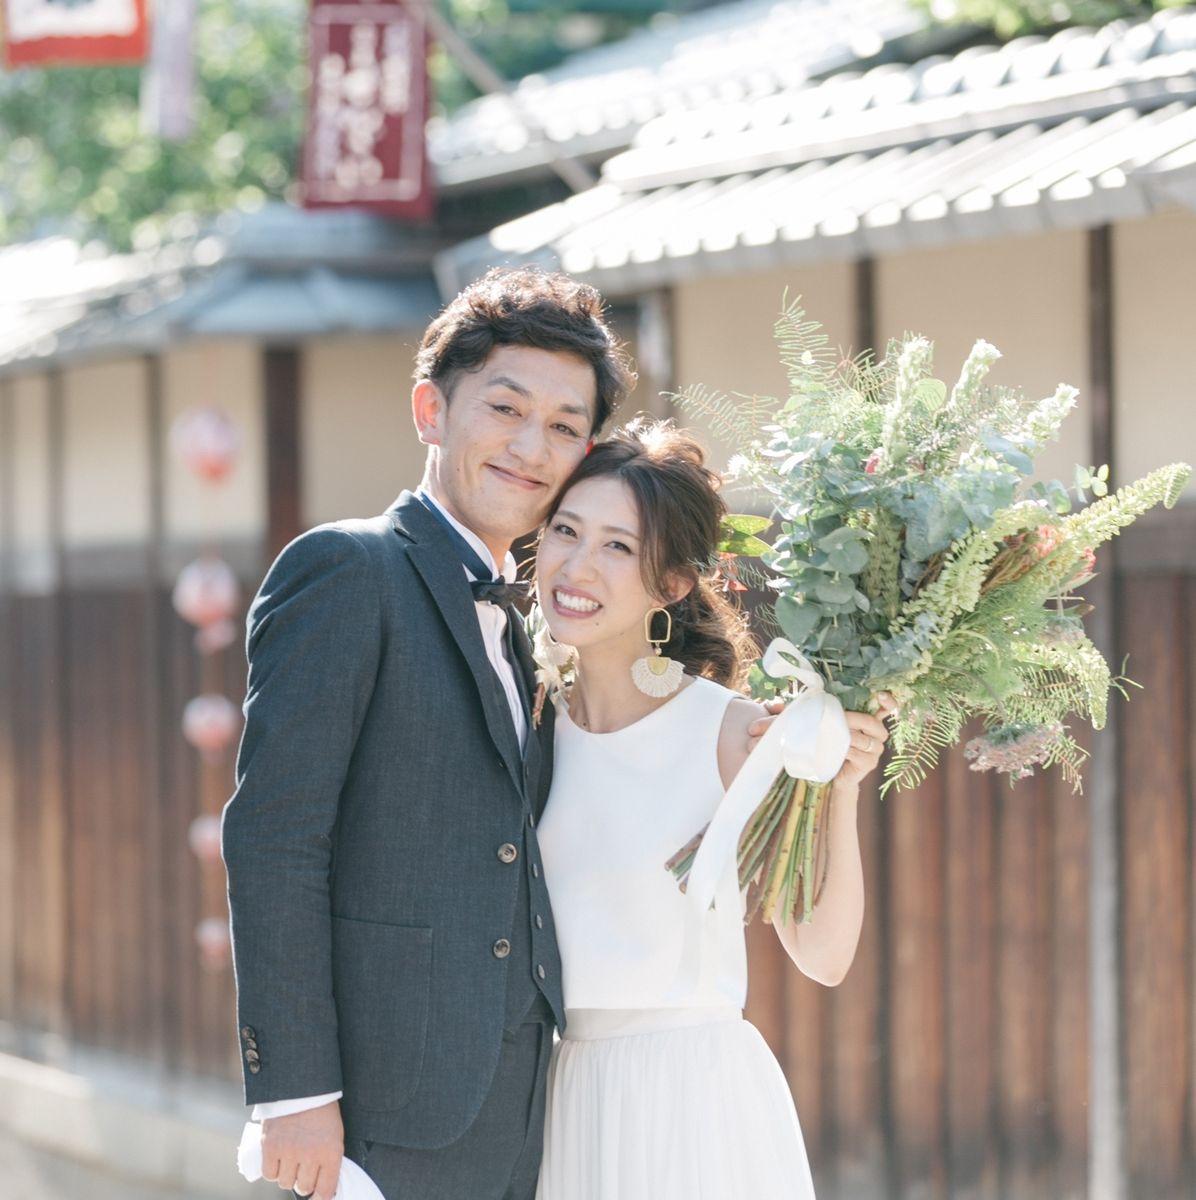 wedding_kteさんの京都祝言 SHU:GEN写真1枚目